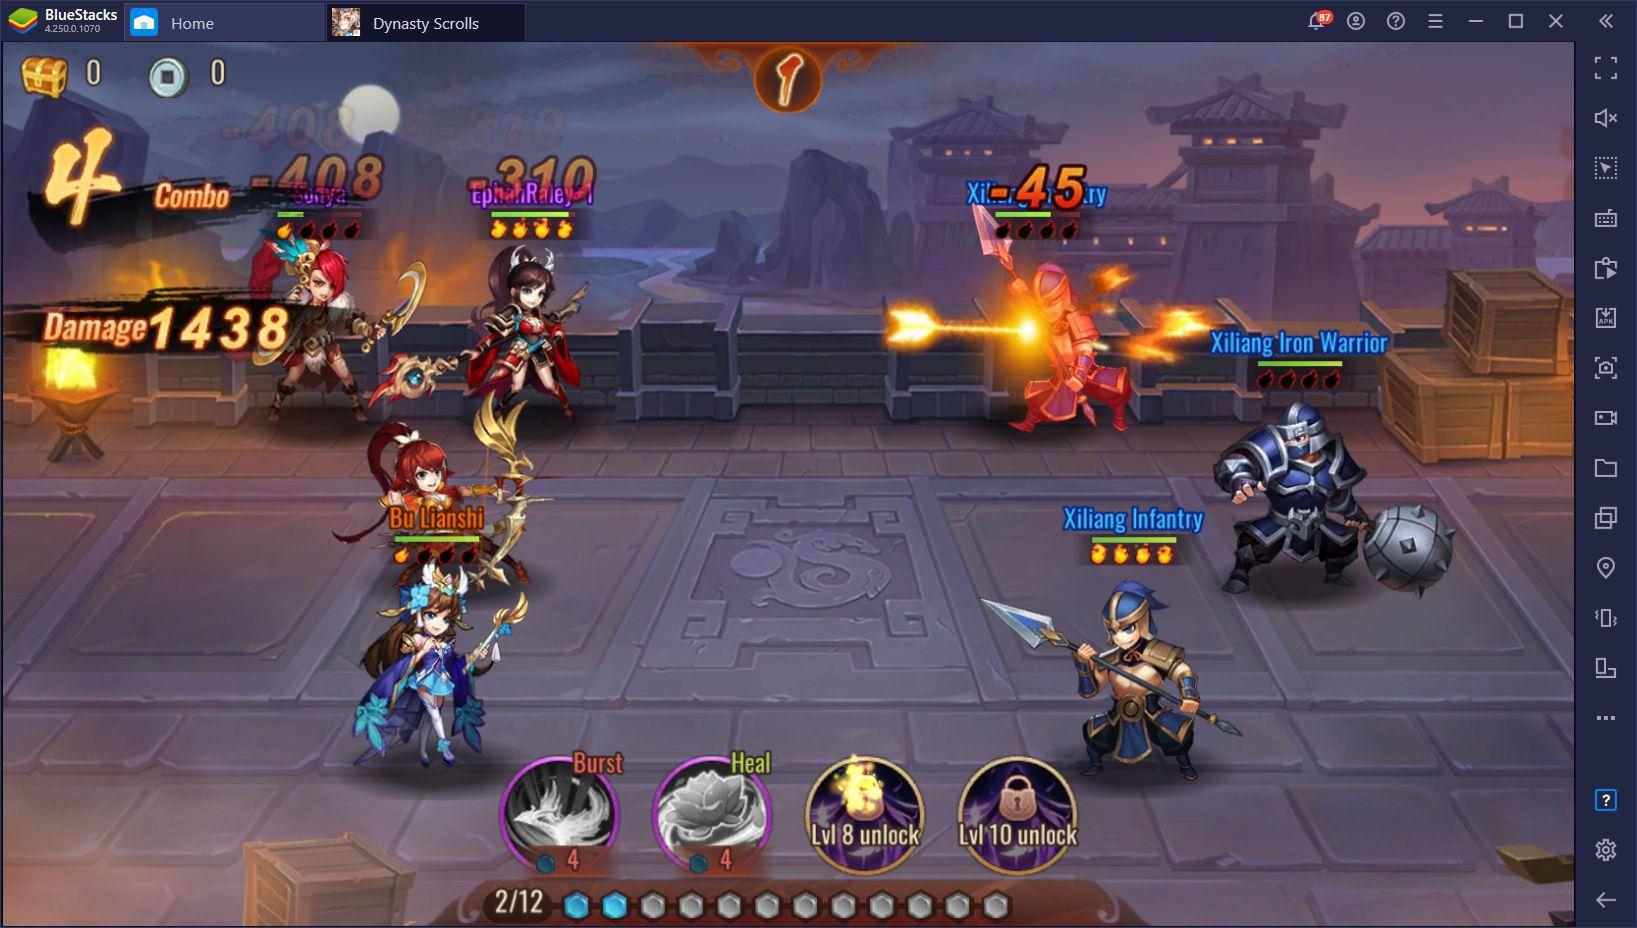 لعبة Dynasty Scrolls على جهاز الكمبيوتر – قم بتثبيت ولعب لعبة لعب الأدوار (RPG) الخاملة على جهاز الكمبيوتر الخاص بك باستخدام BlueStacks